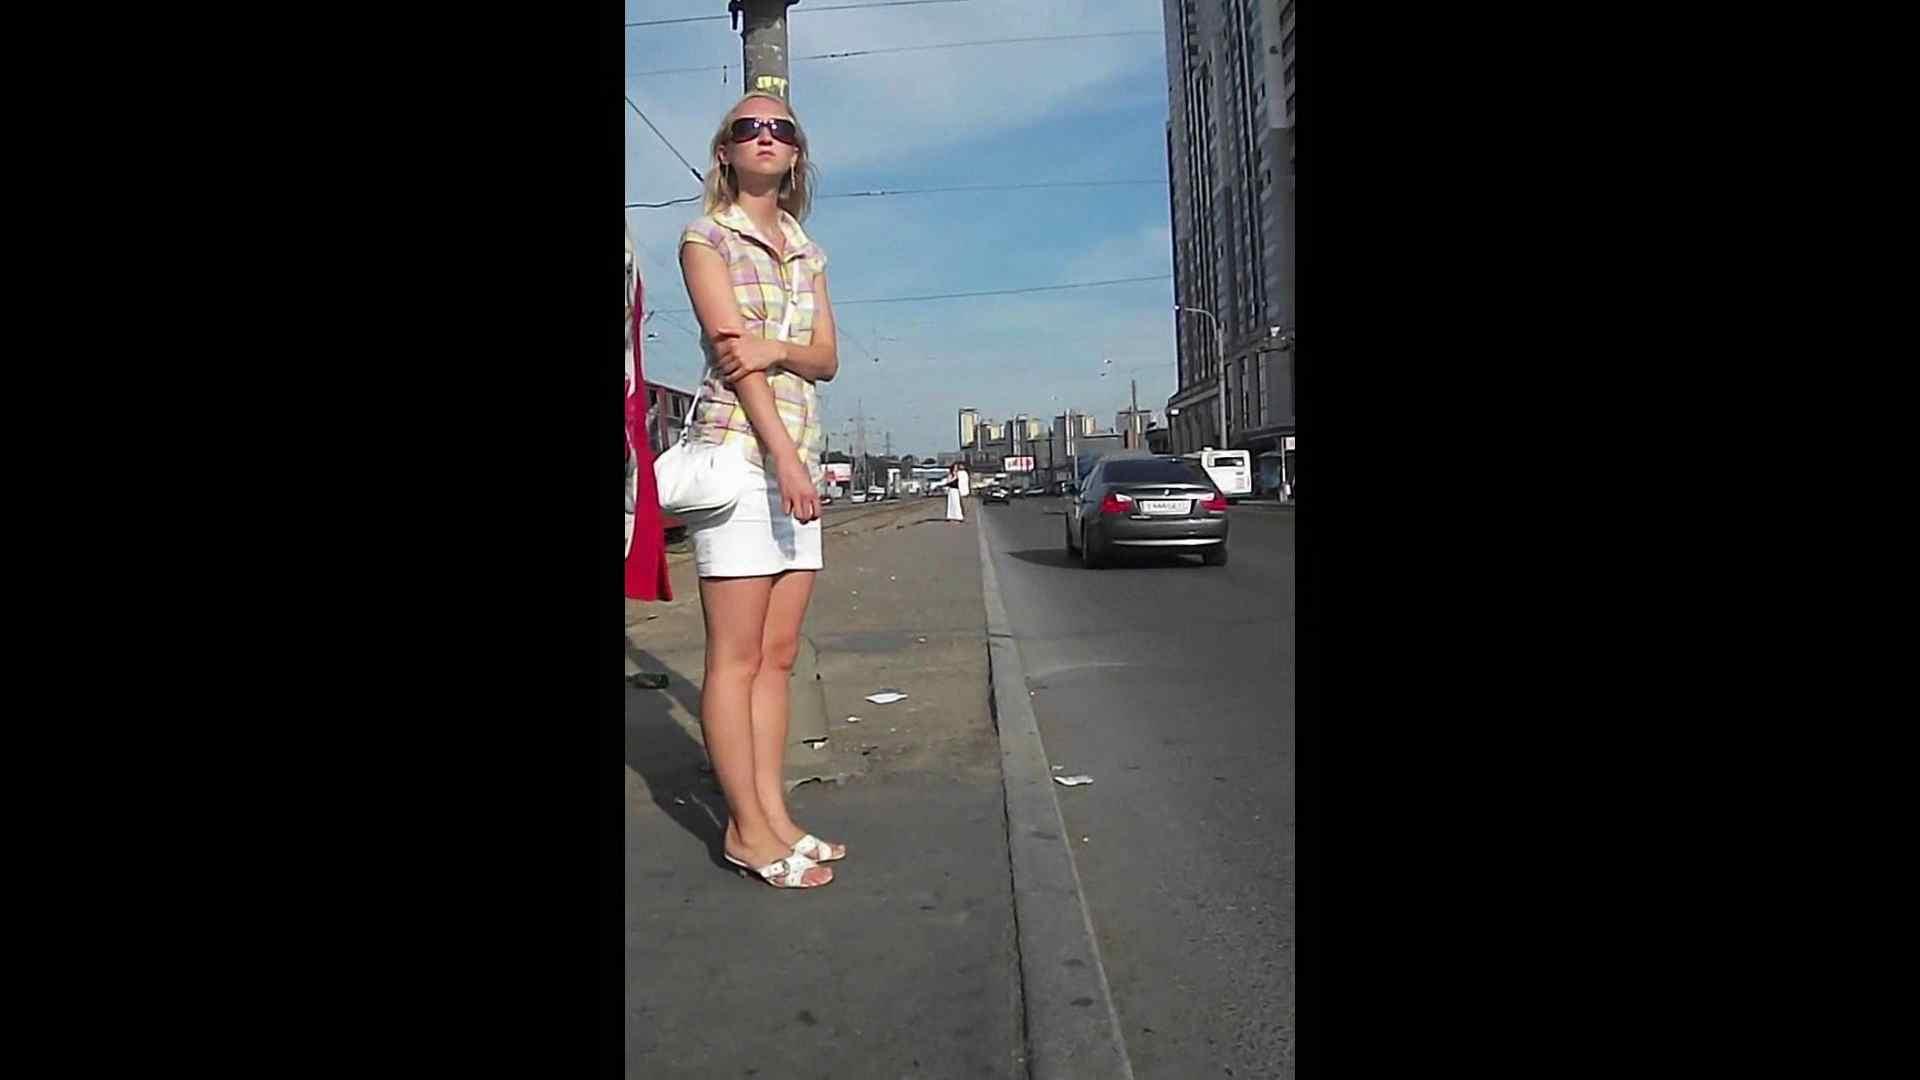 綺麗なモデルさんのスカート捲っちゃおう‼vol05 綺麗なOLたち スケベ動画紹介 98枚 5